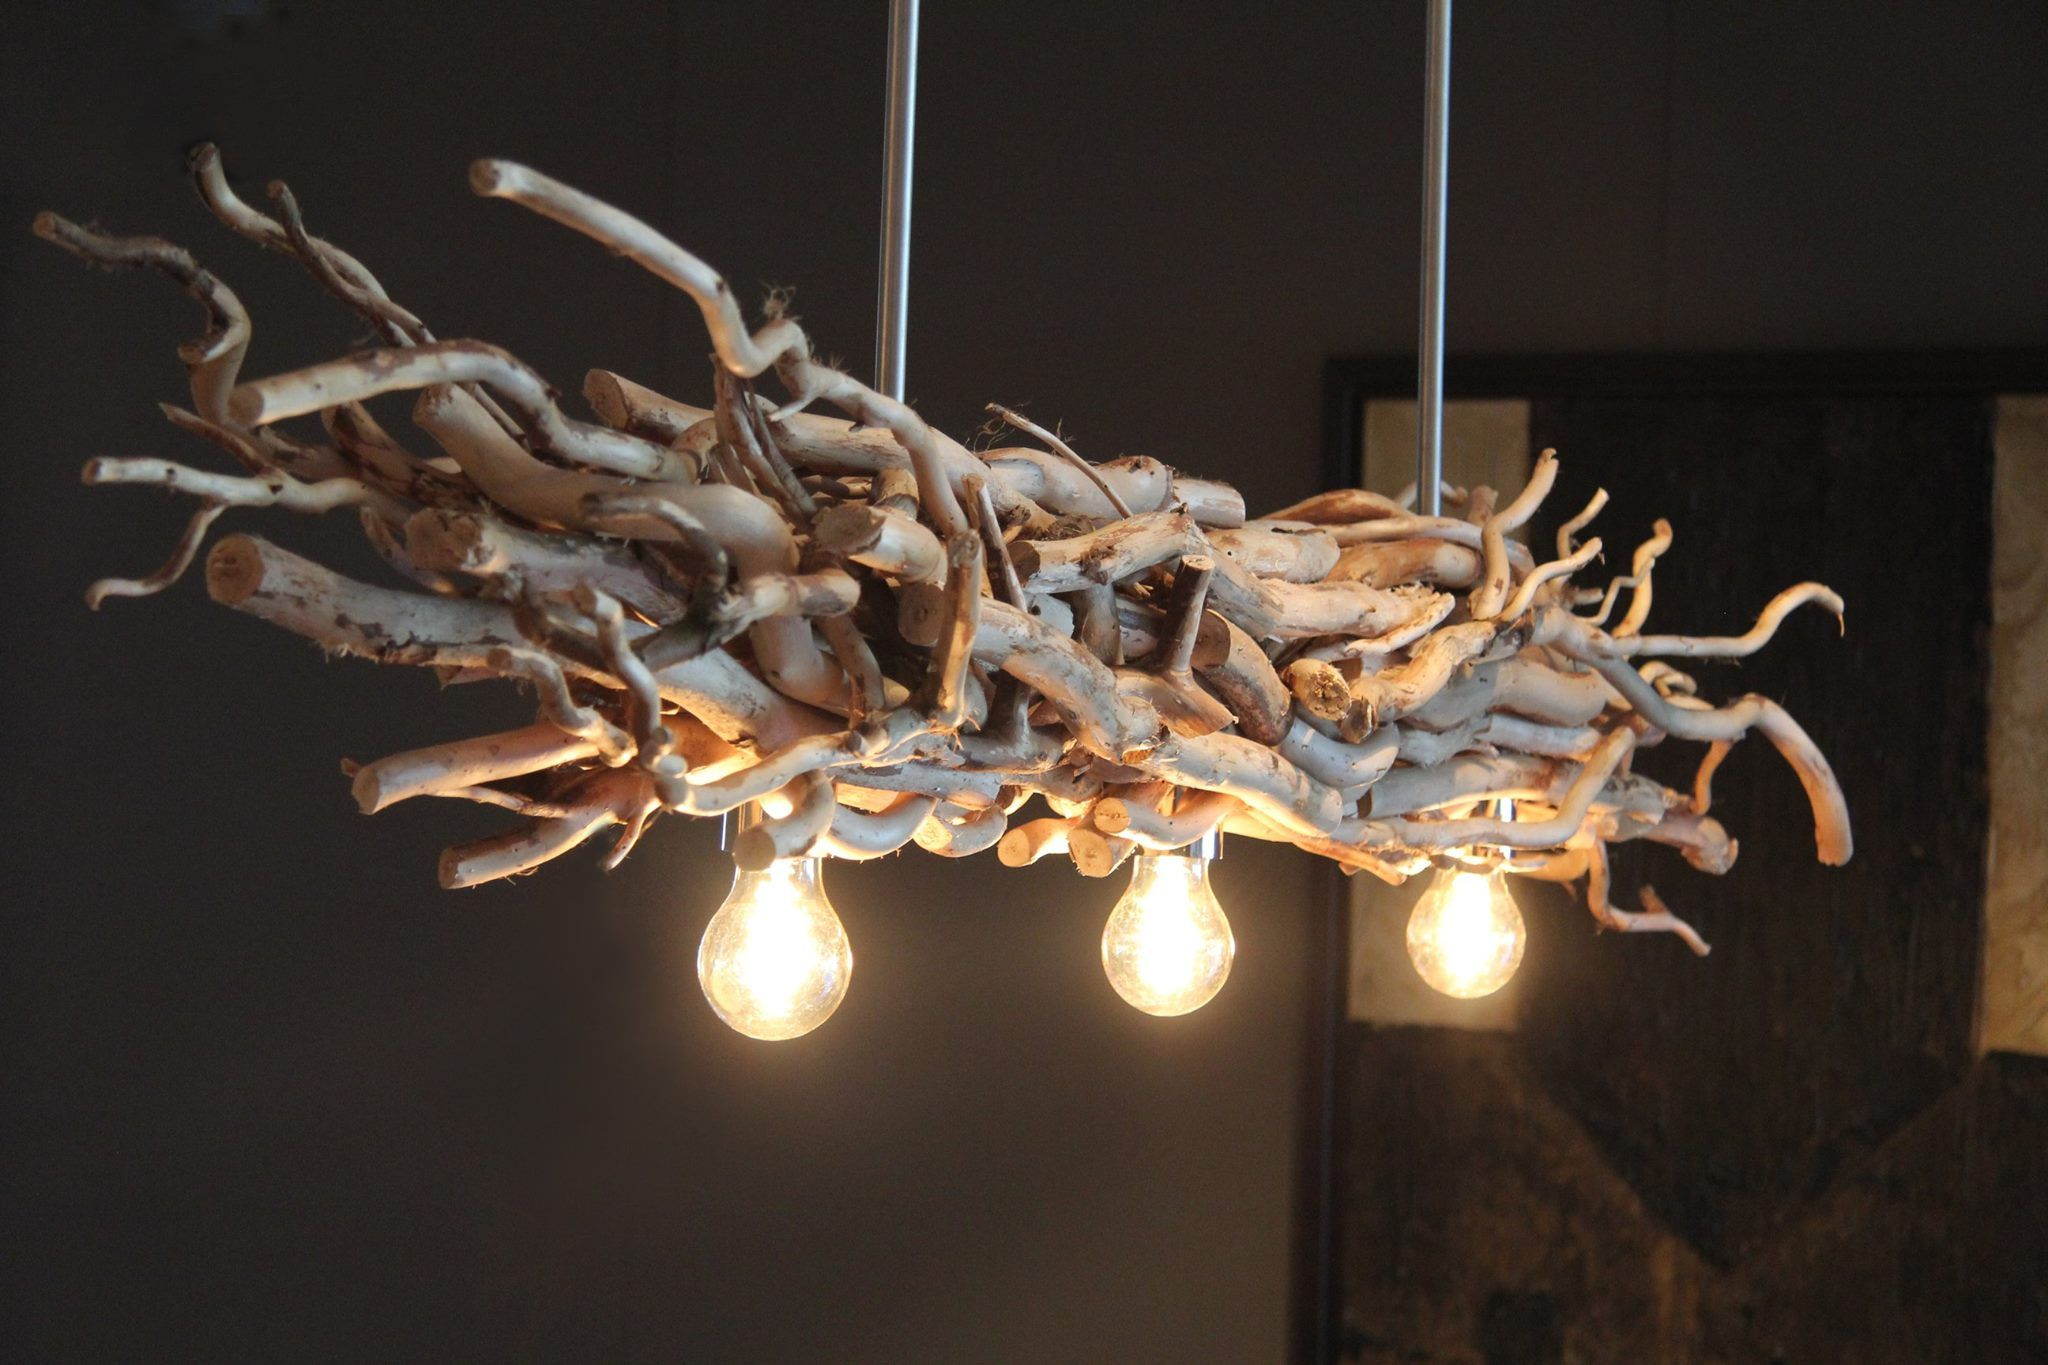 Hangeleuchte Mit Naturlichen Deko Asten Www Holz Lampen Com Holzlampe Hangeleuchte Lampen